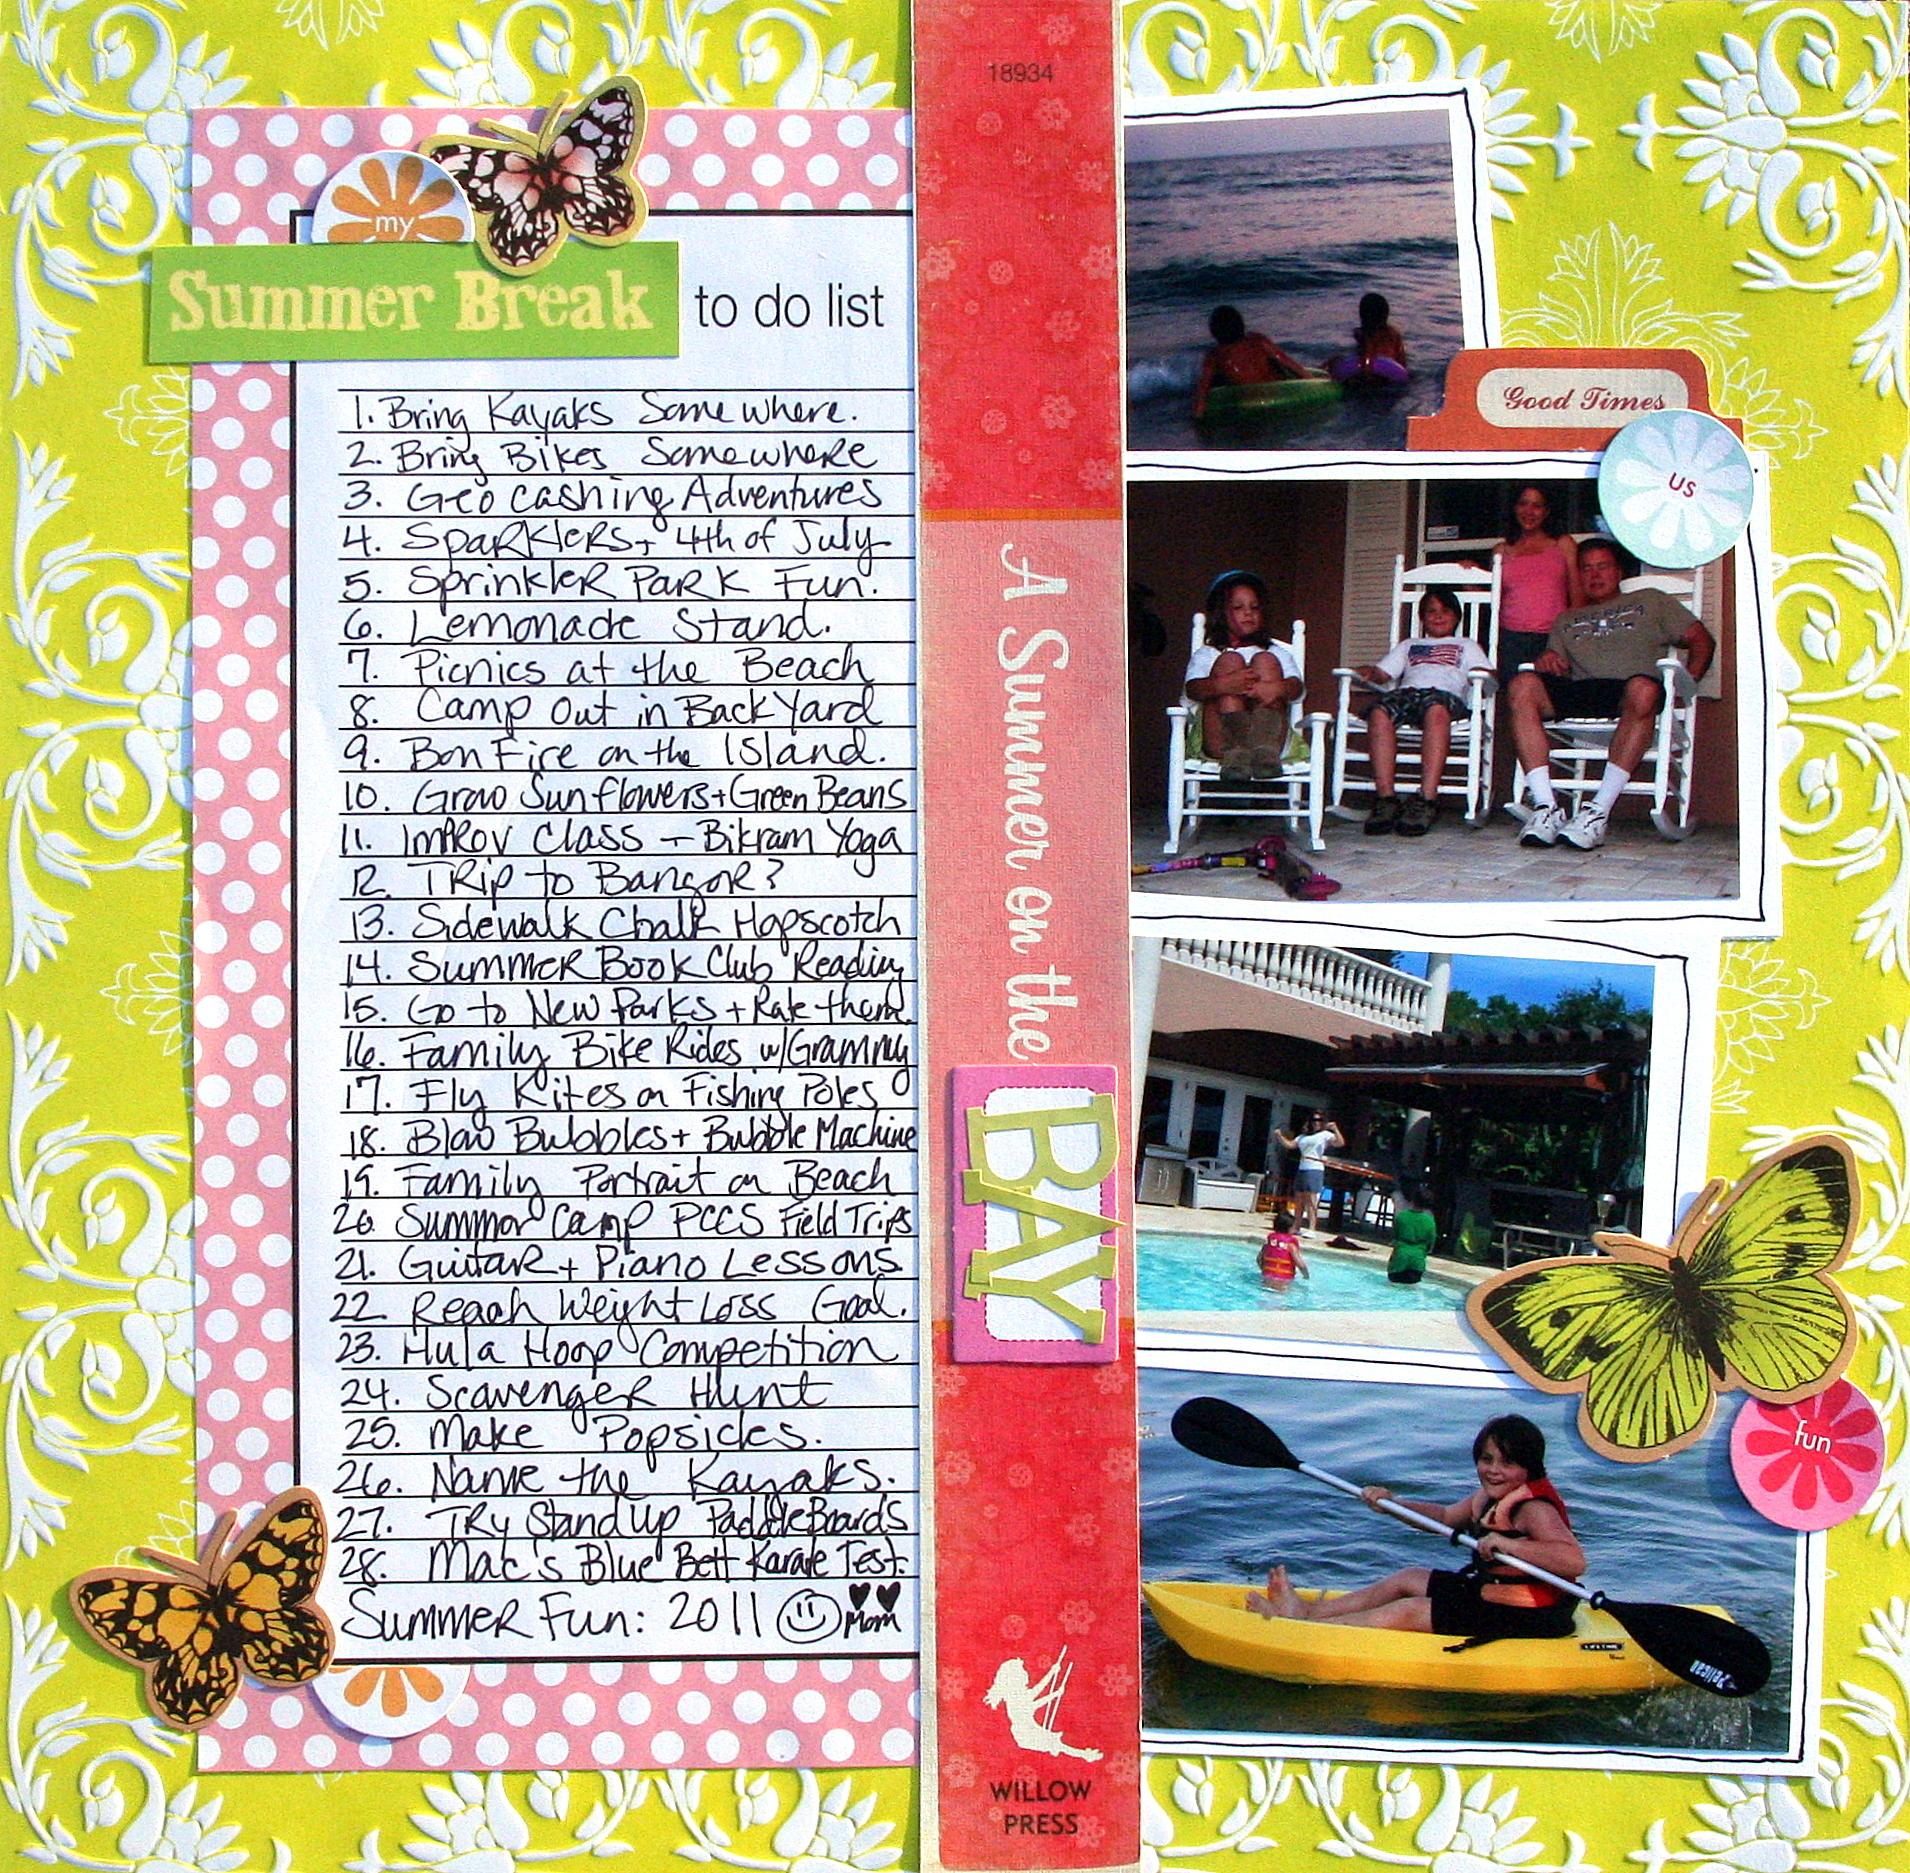 Scrapbook ideas list - Summerlist2011